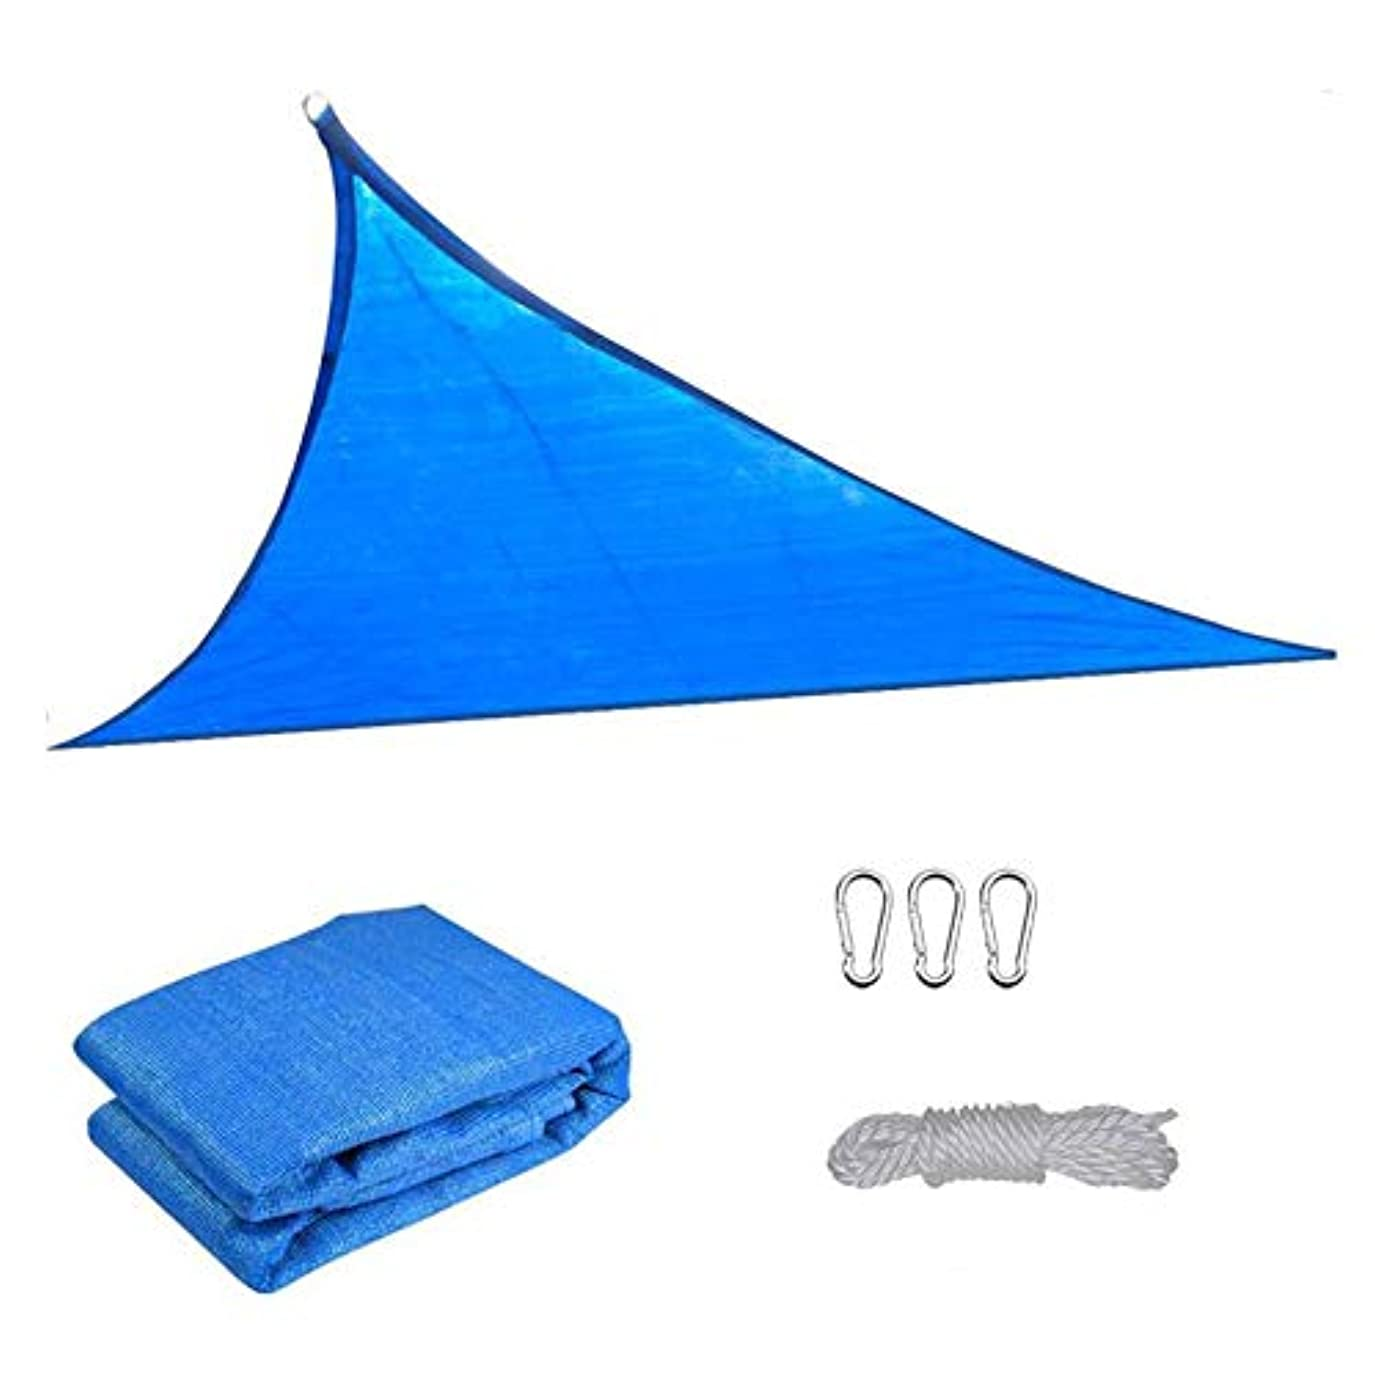 リズミカルな信仰コントローラ防水日よけの帆、防風性の薄い95%遮光率、UVブロックPEパティオ屋外バーベキューエリア長方形ガーデンオーニング(巾着とフックを含む),Blue,4X4X4m